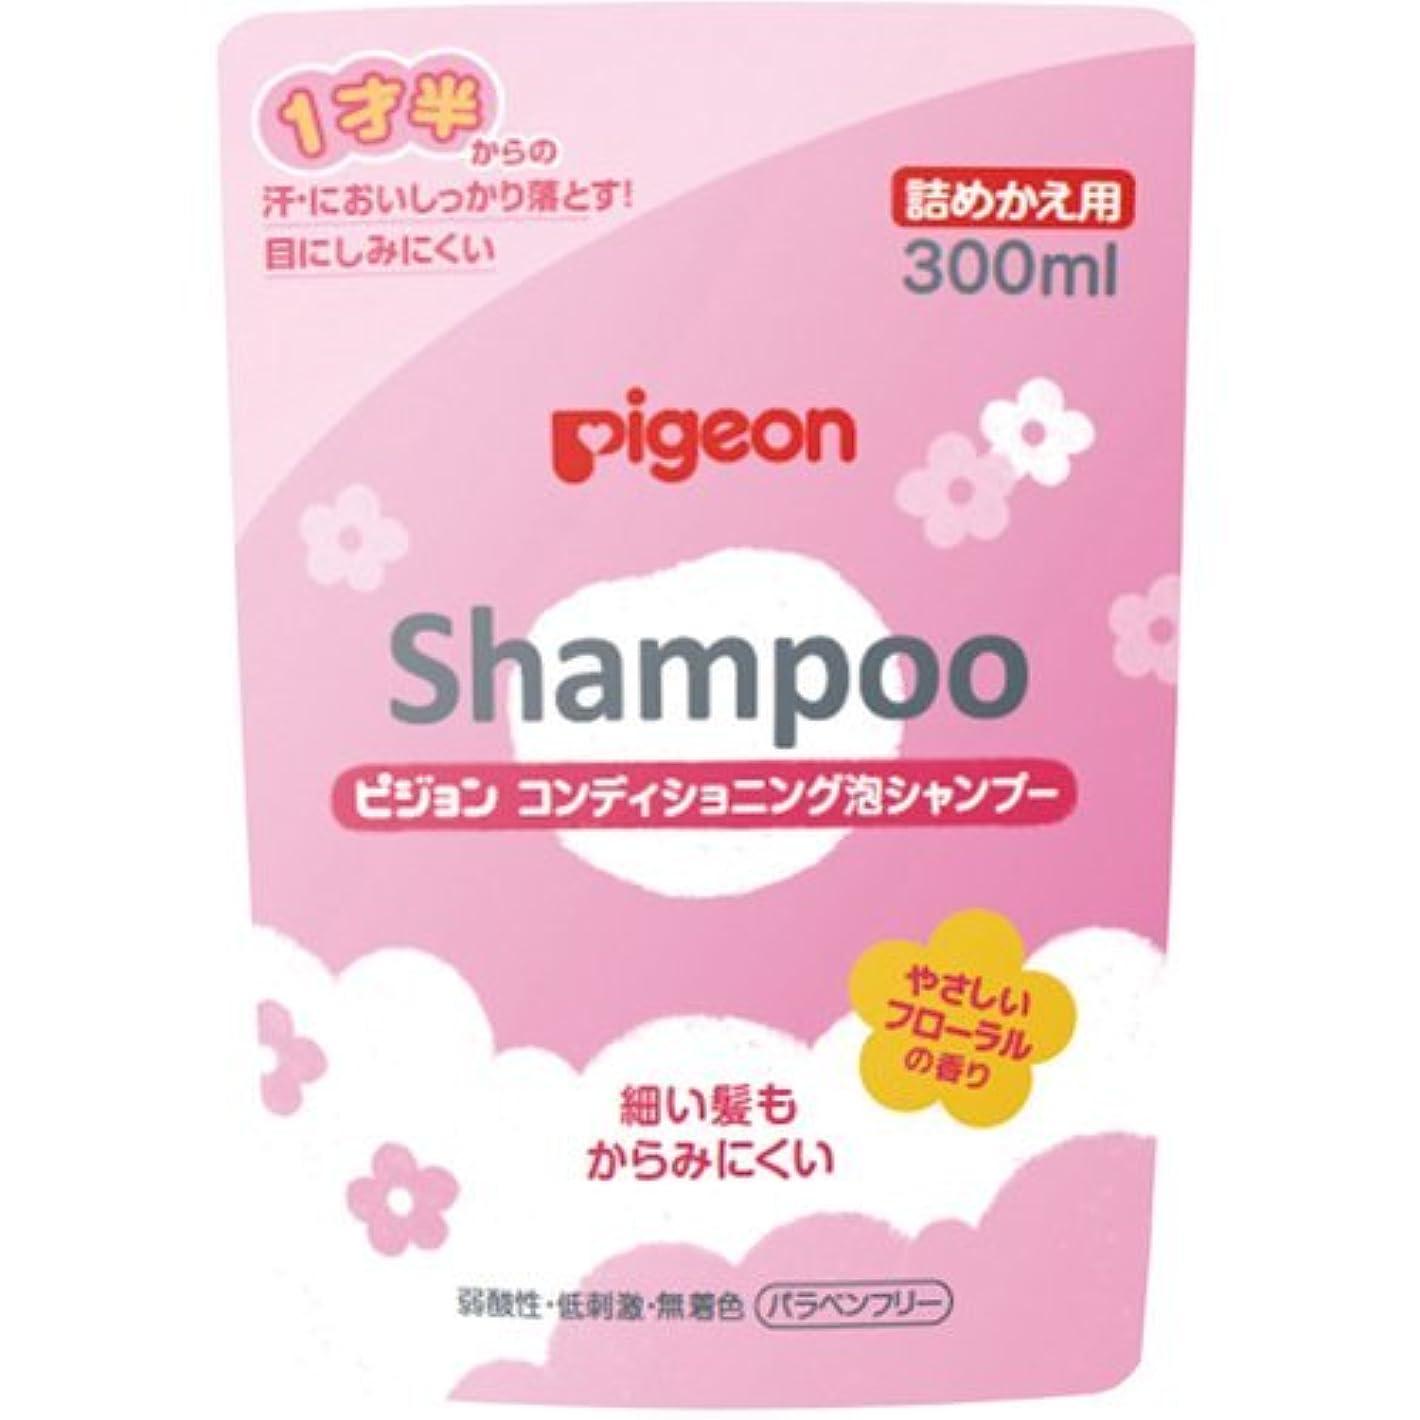 登場初期アクセスできないピジョン コンディショニング泡シャンプー やさしいフローラルの香り 詰めかえ用 300ml